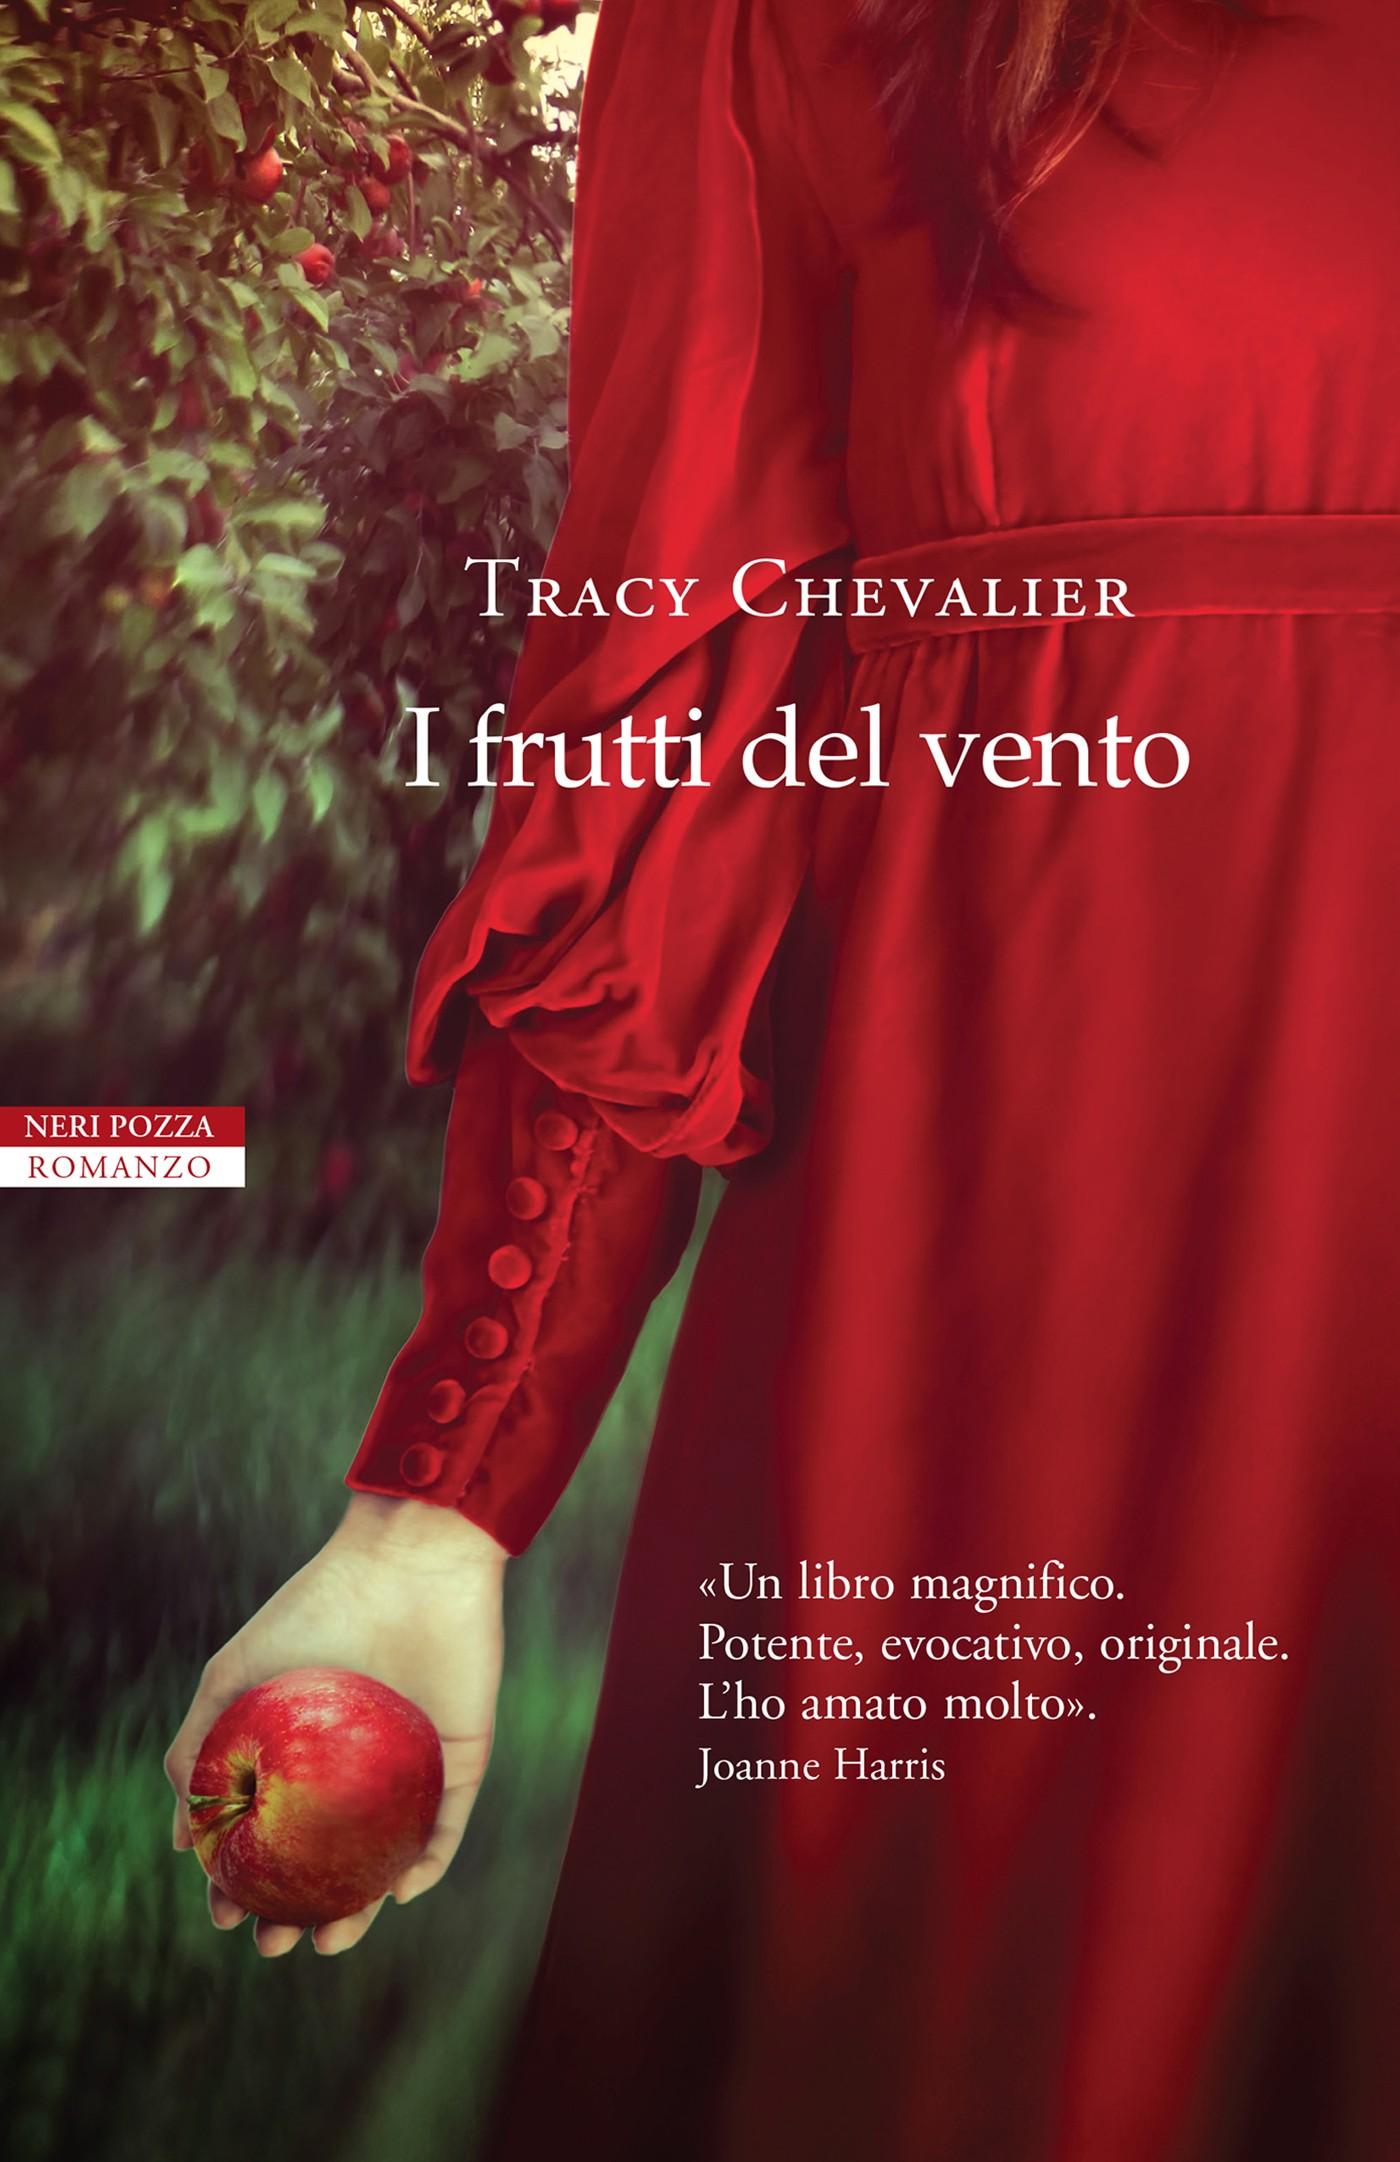 i-frutti-del-vento-copertina-libro